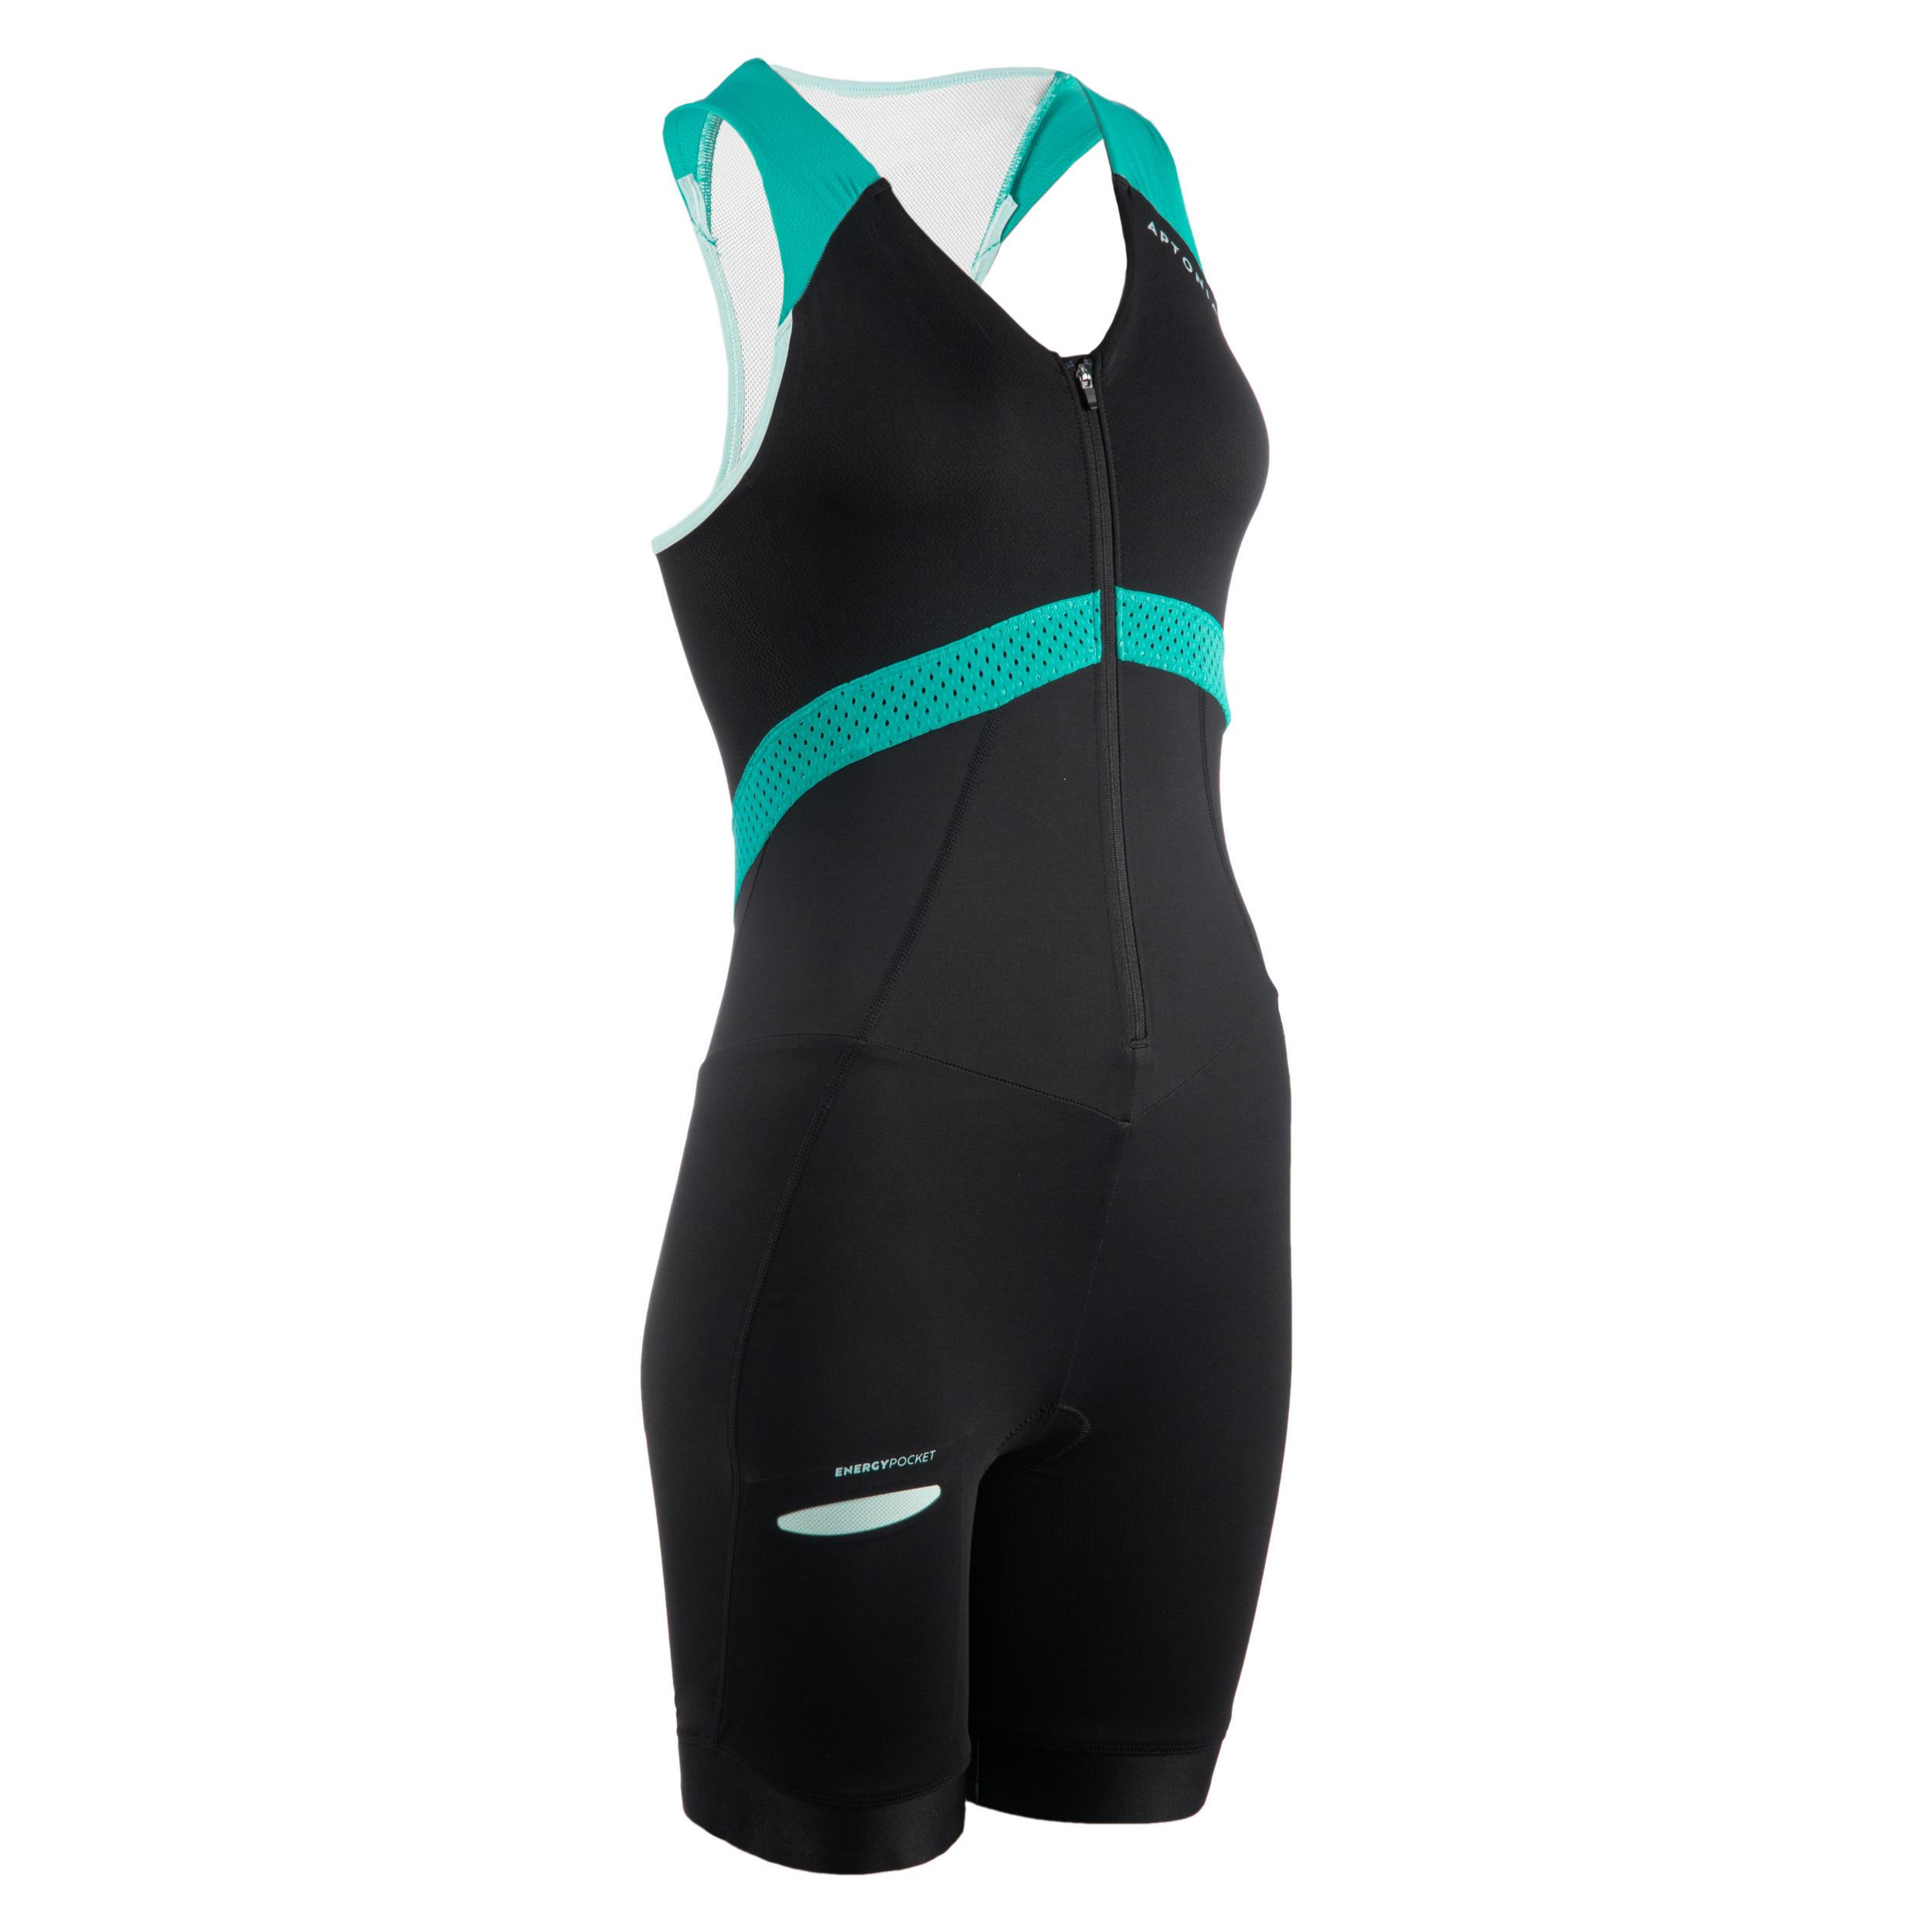 Aptonia Trisuit voor korte afstanden dames zwart/groen